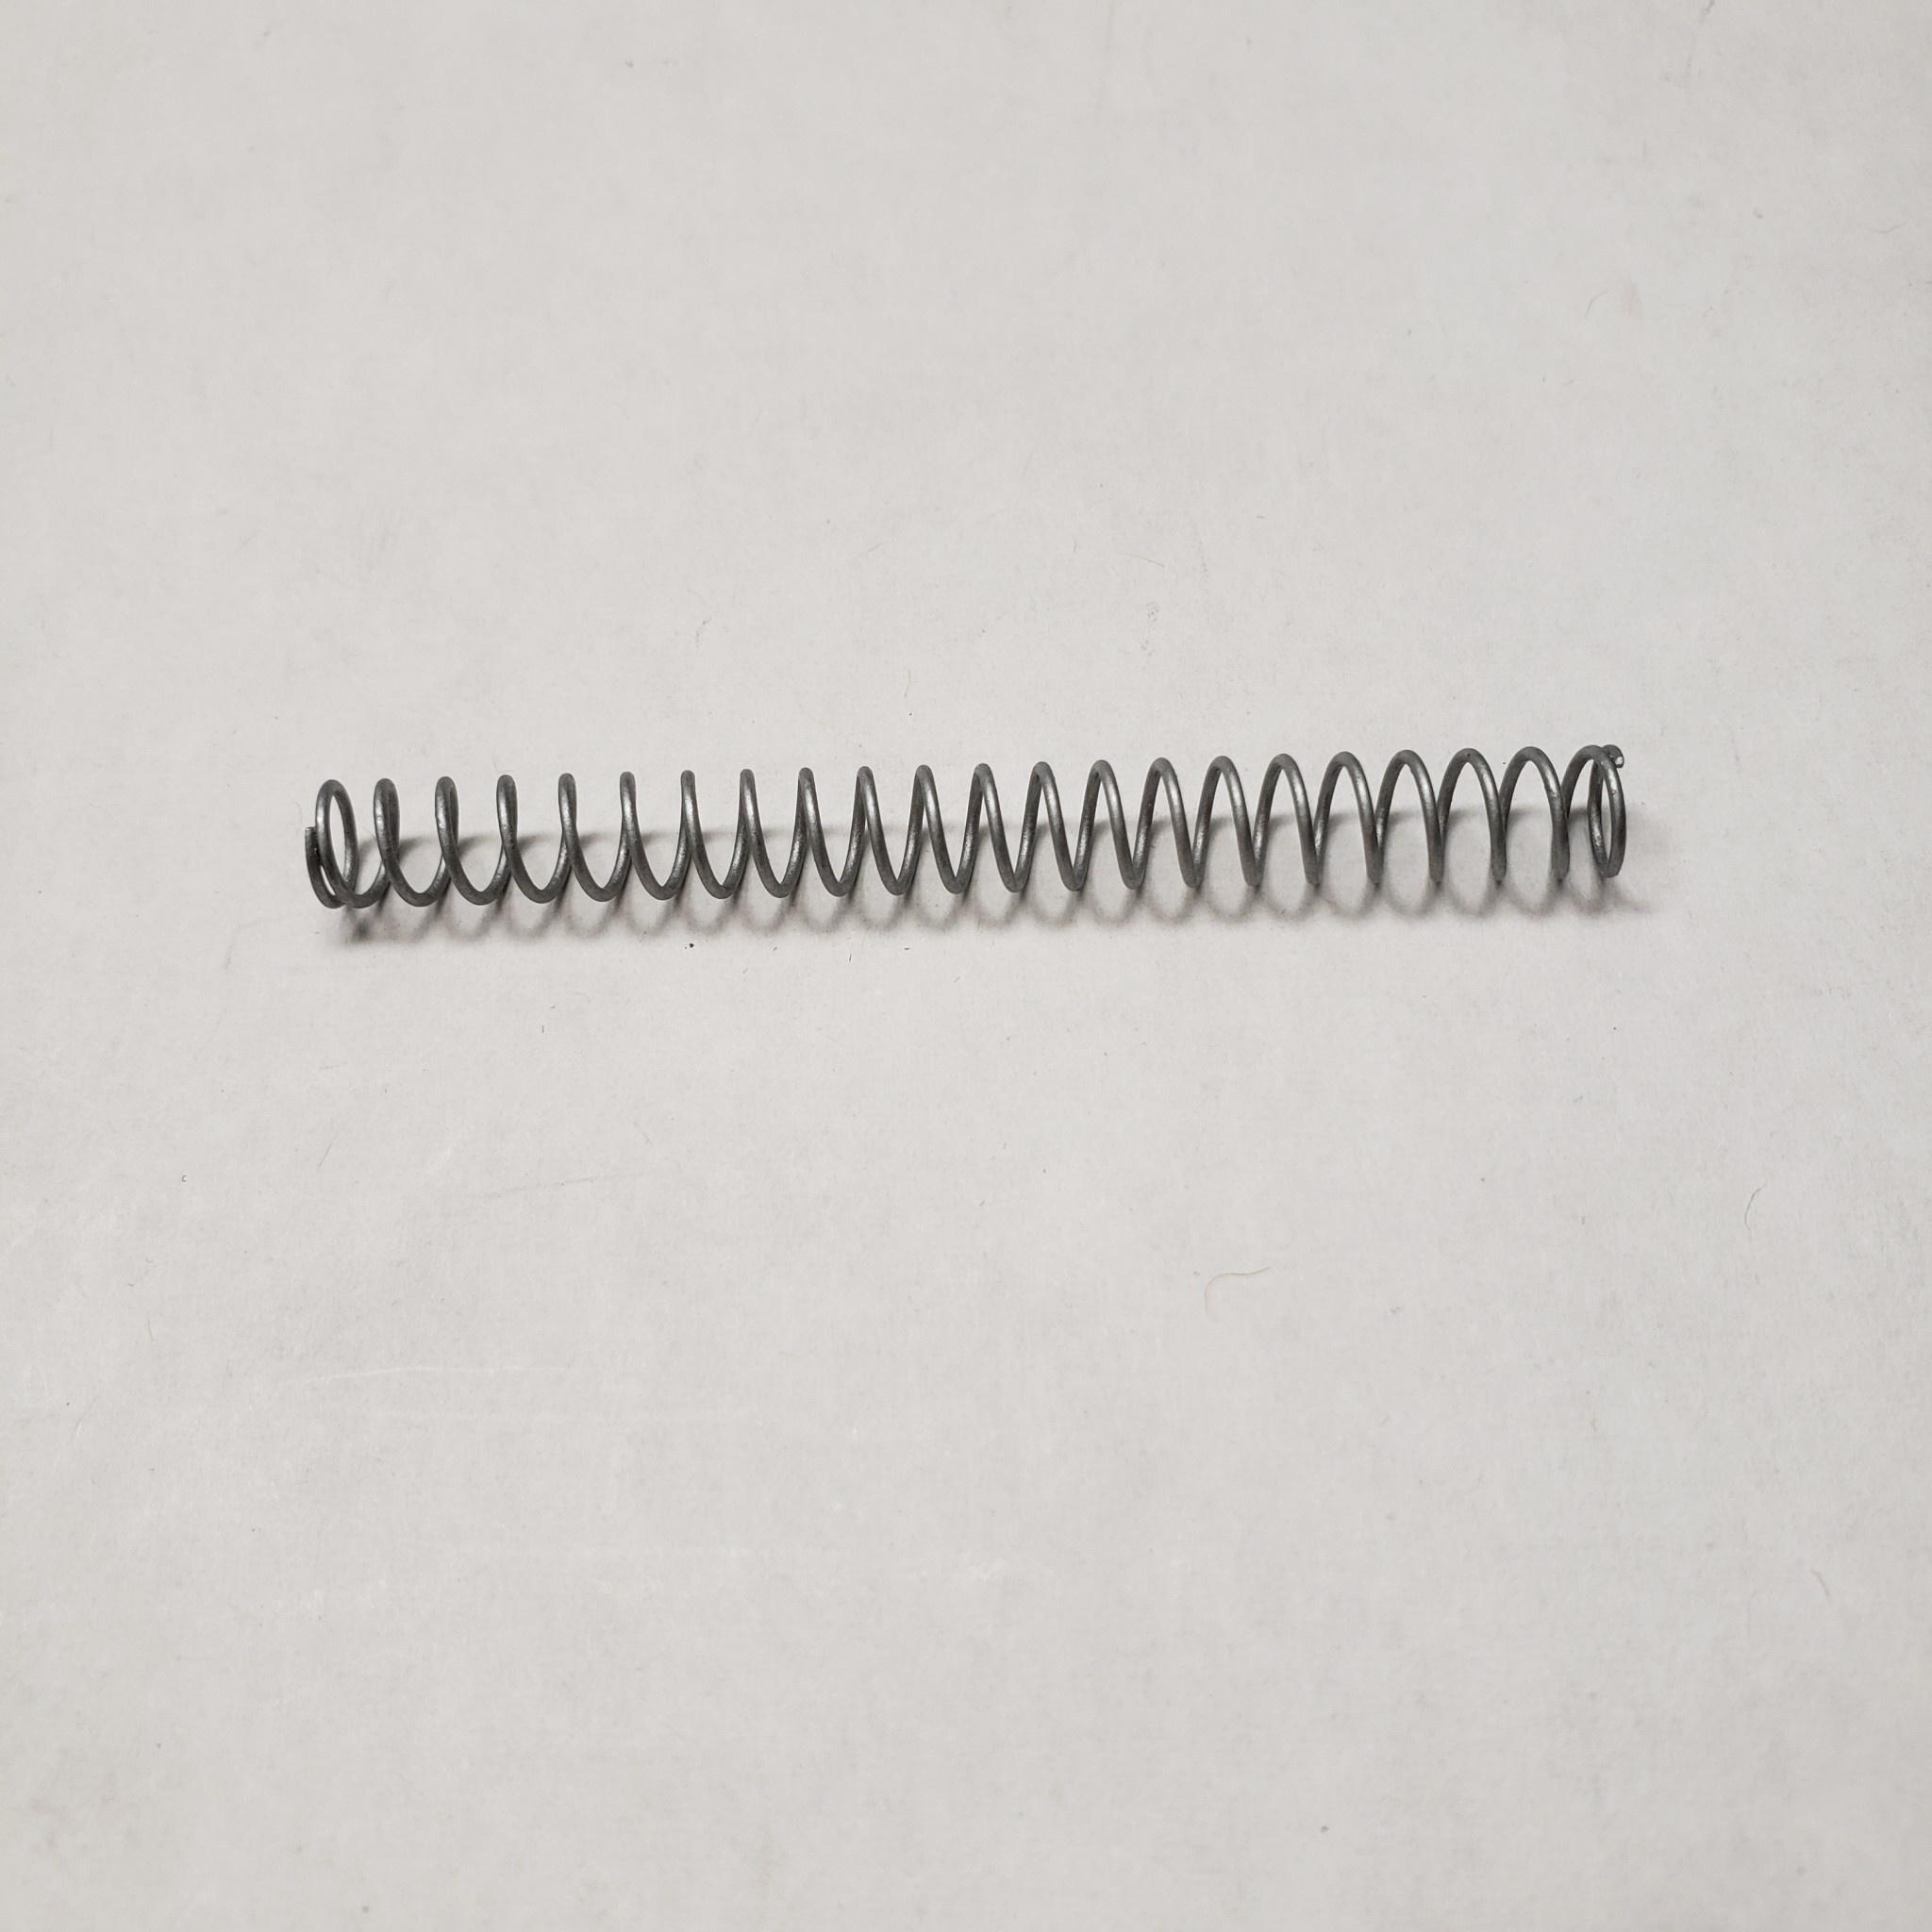 Glock OEM Firing pin Spring 24N 5.5lb